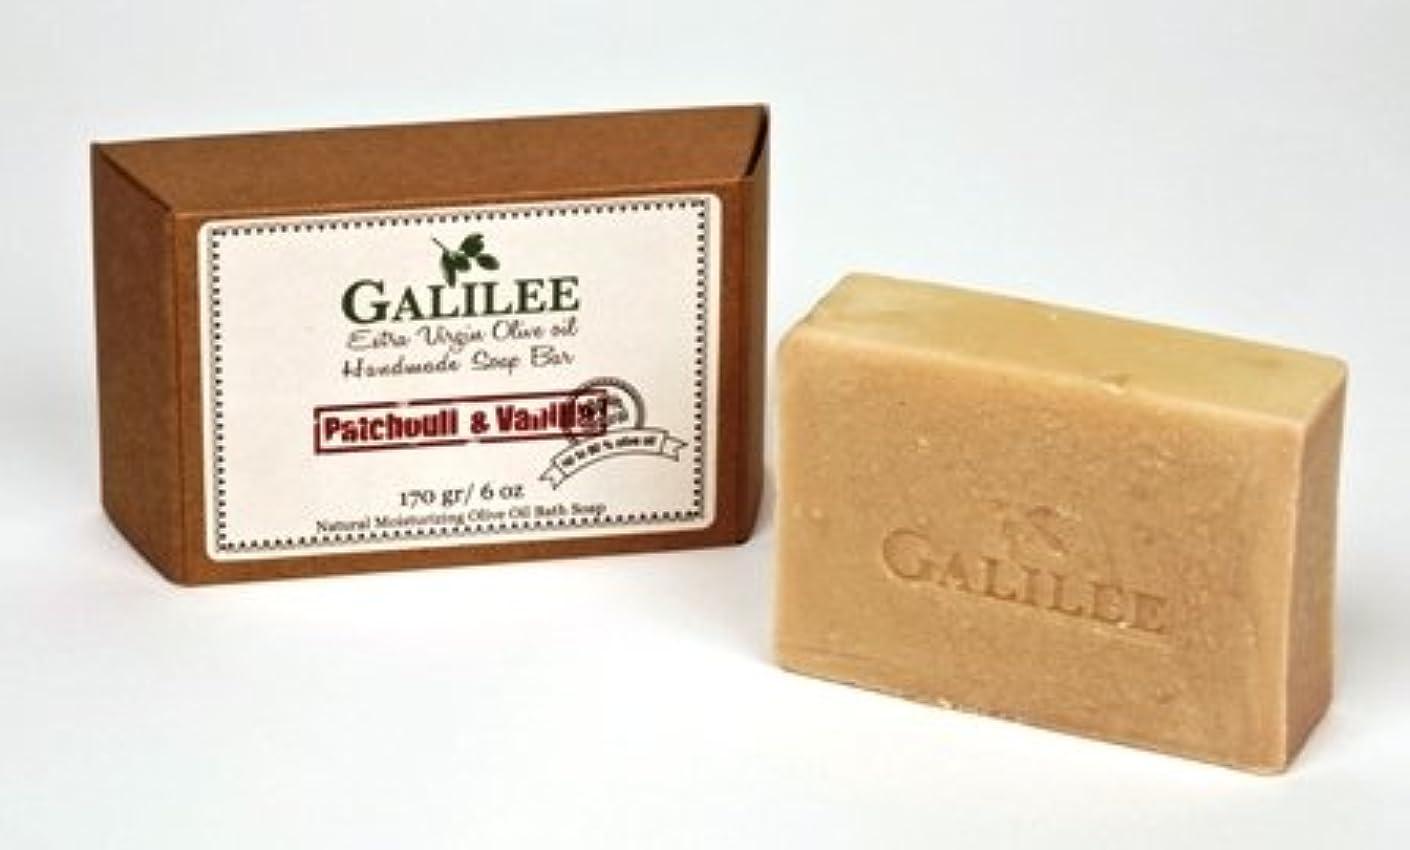 どこでも電気の商人Galilee Magic ガリラヤオリーブオイルソープバー 6oz パチュリー&バニラオリーブオイル